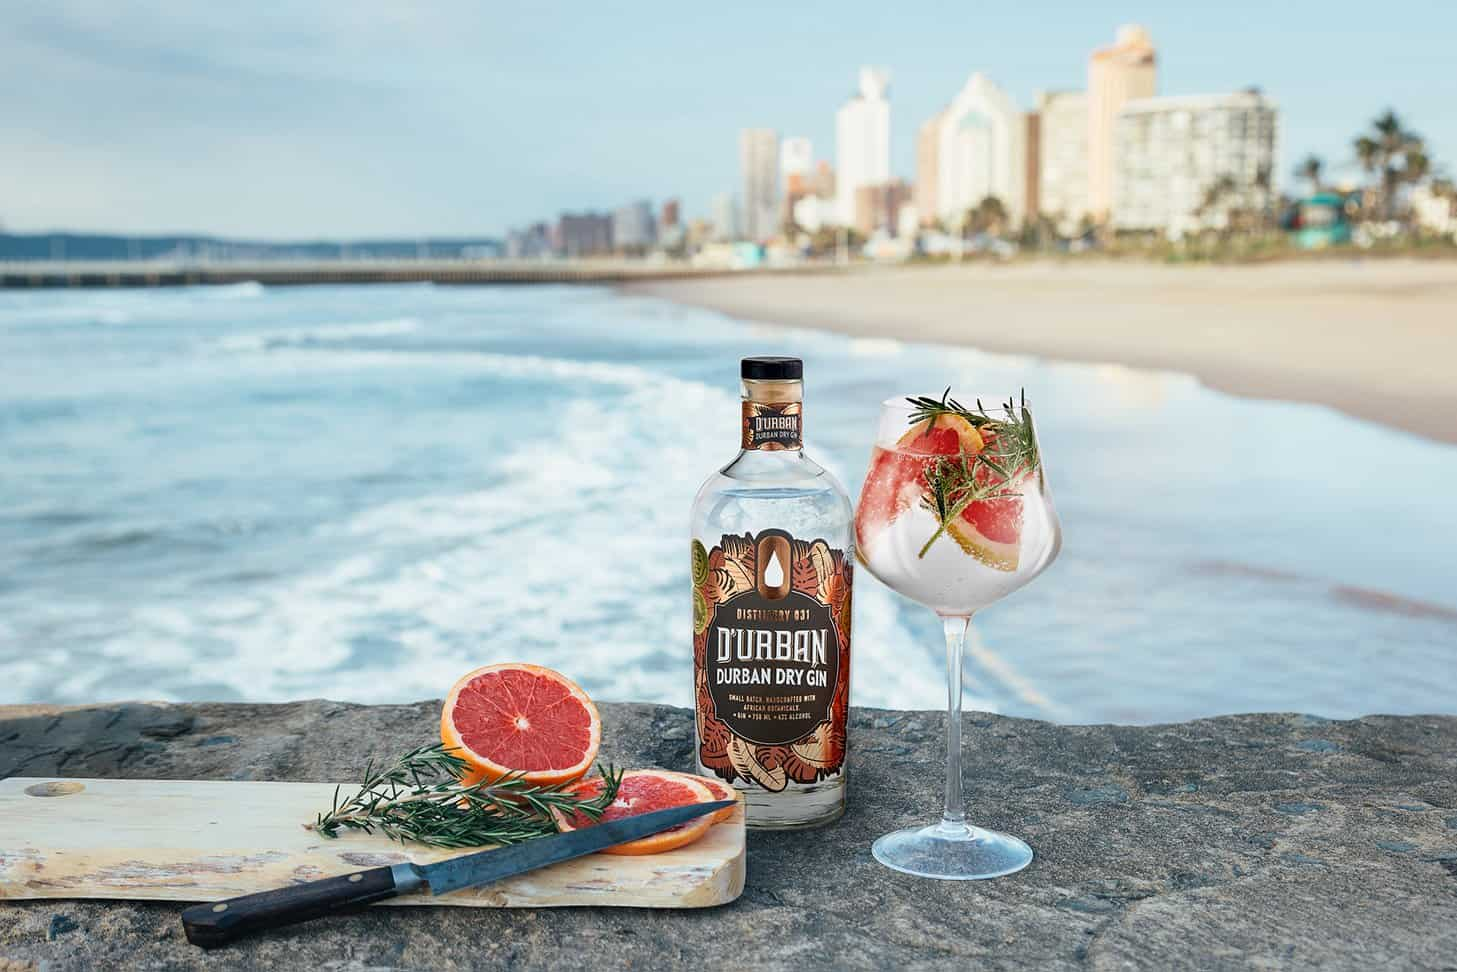 Durban Gin